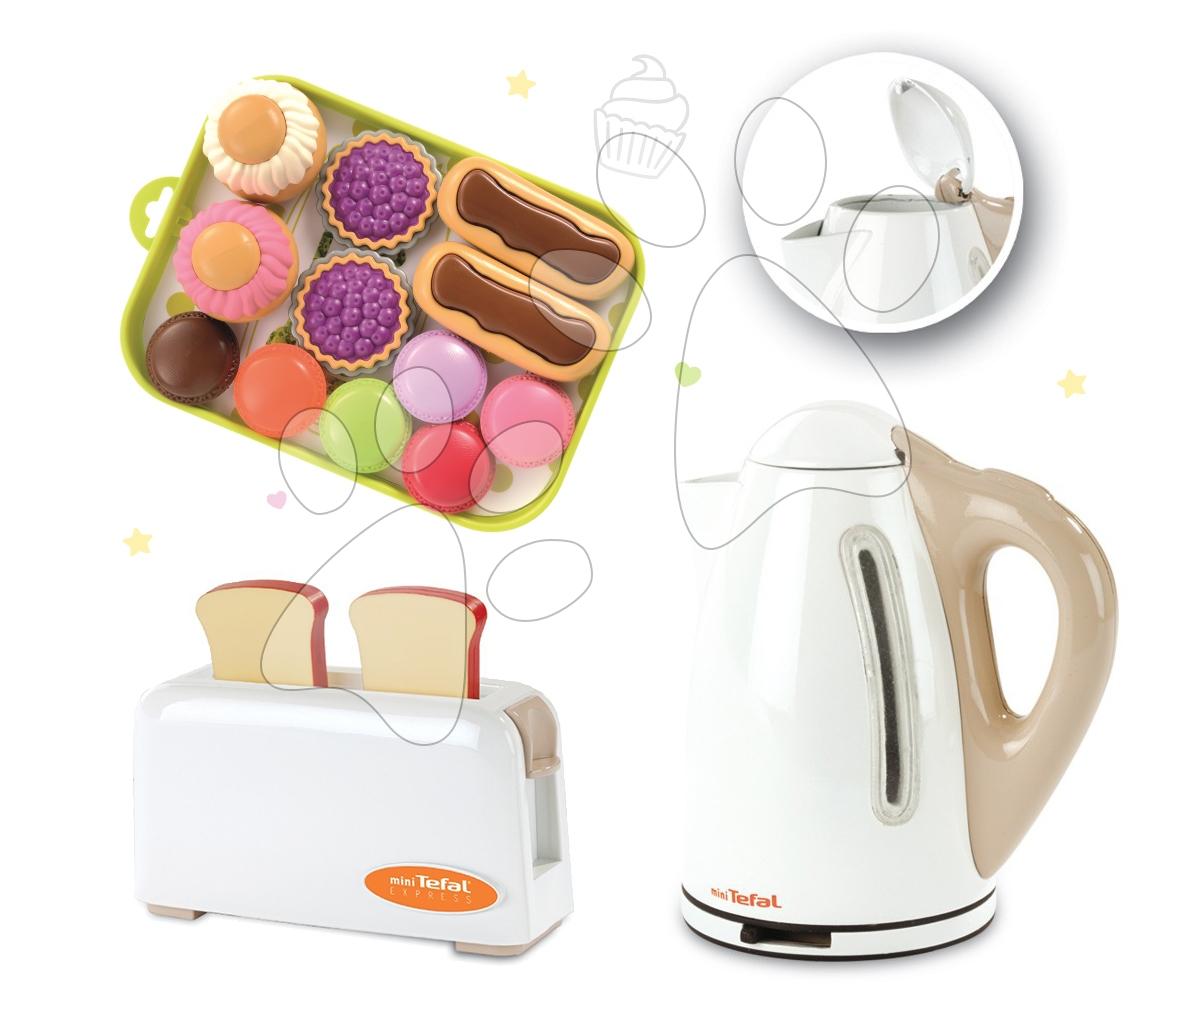 Set dětský toaster Mini Tefal Smoby, rychlovarná konvice Tefal a koláčky na podnose